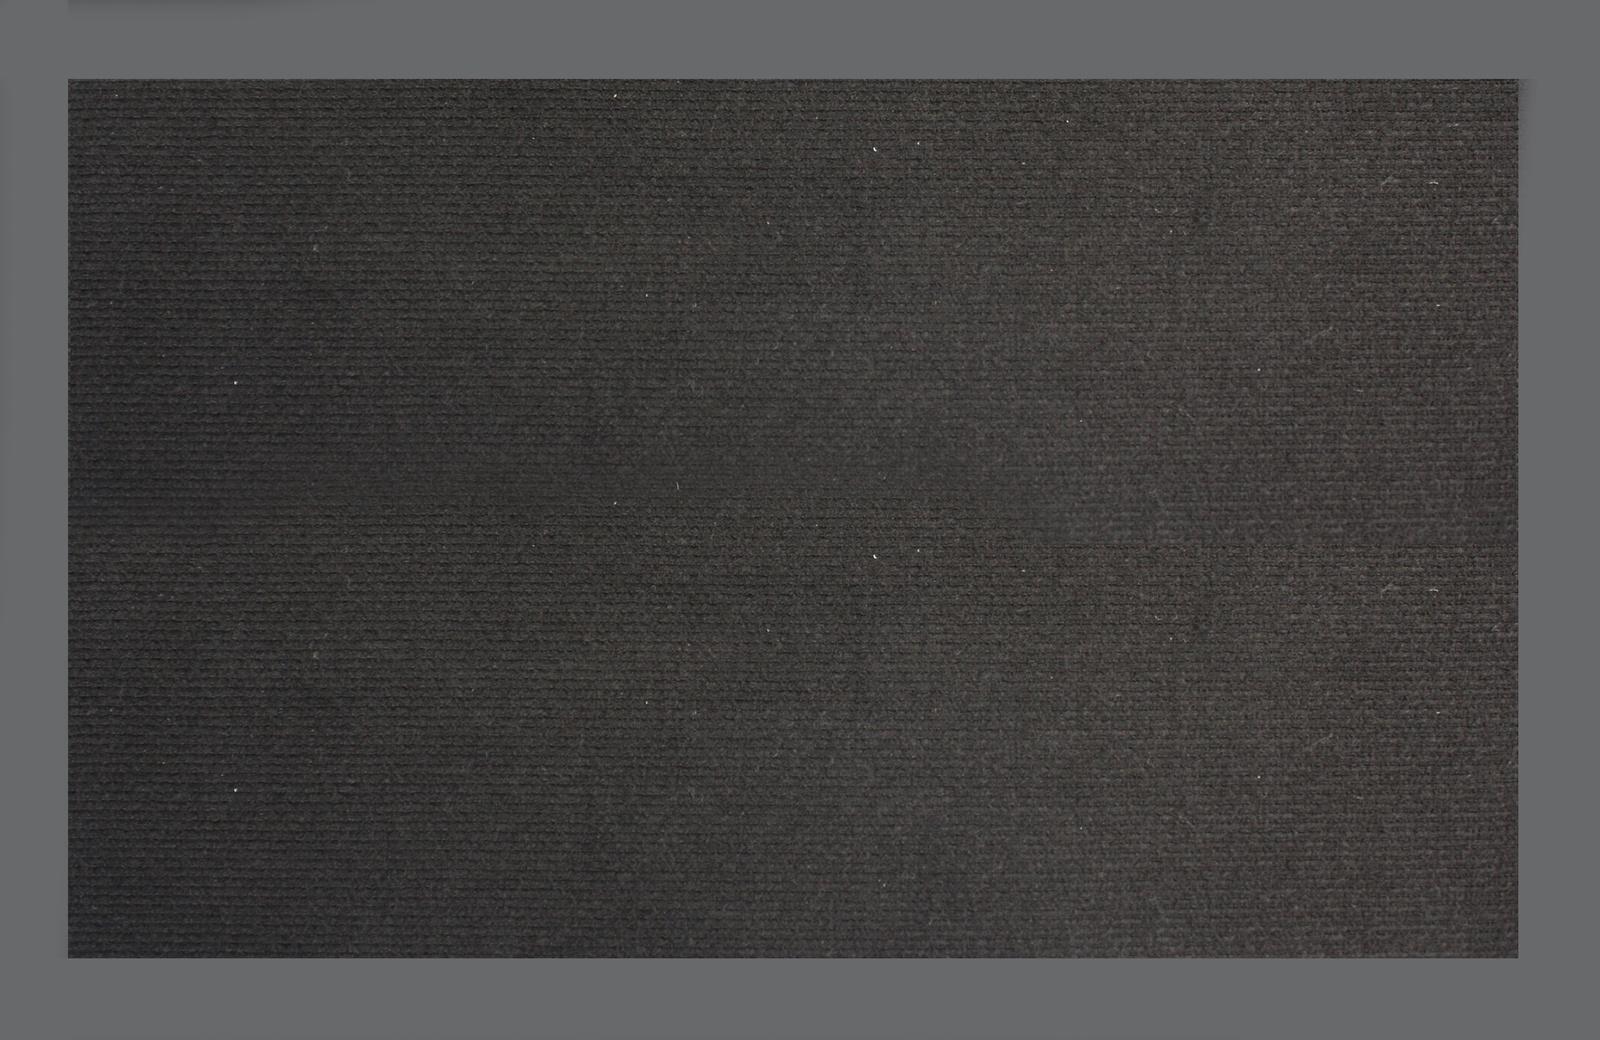 Коврик придверный Велий Венера, цвет: черный, 40х60 см защитный коврик велий хеопс 22 зеленый